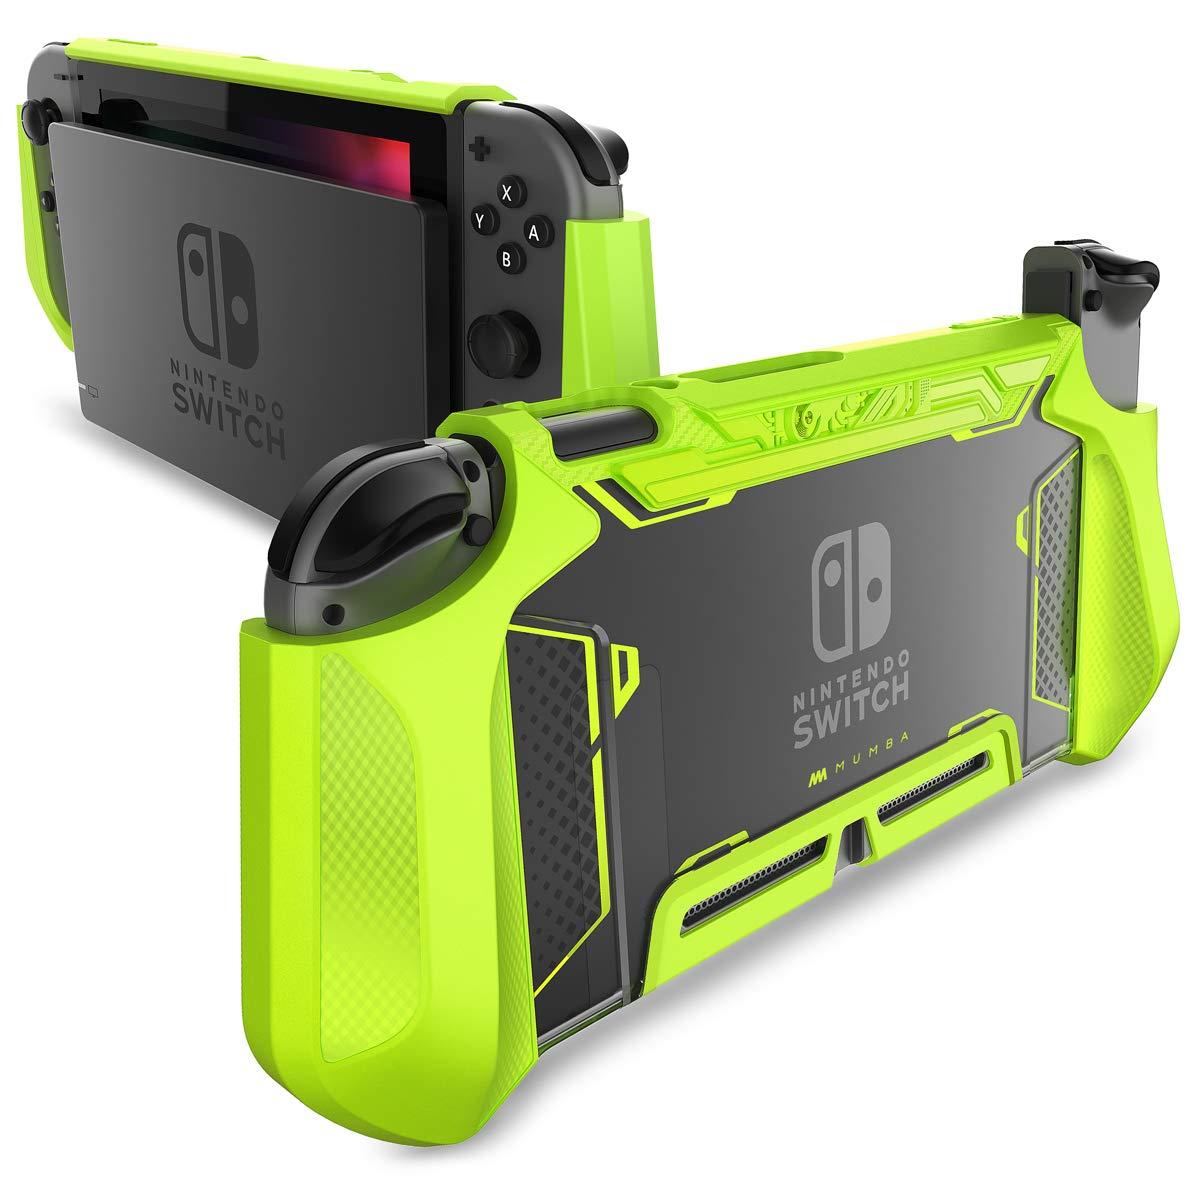 Mumba Funda acoplable para Nintendo Switch, Case Funda Protectora TPU Grip Funda de Agarre Compatible con la Consola de Nintendo Switch y Controlador Joy-con (Verde): Amazon.es: Electrónica